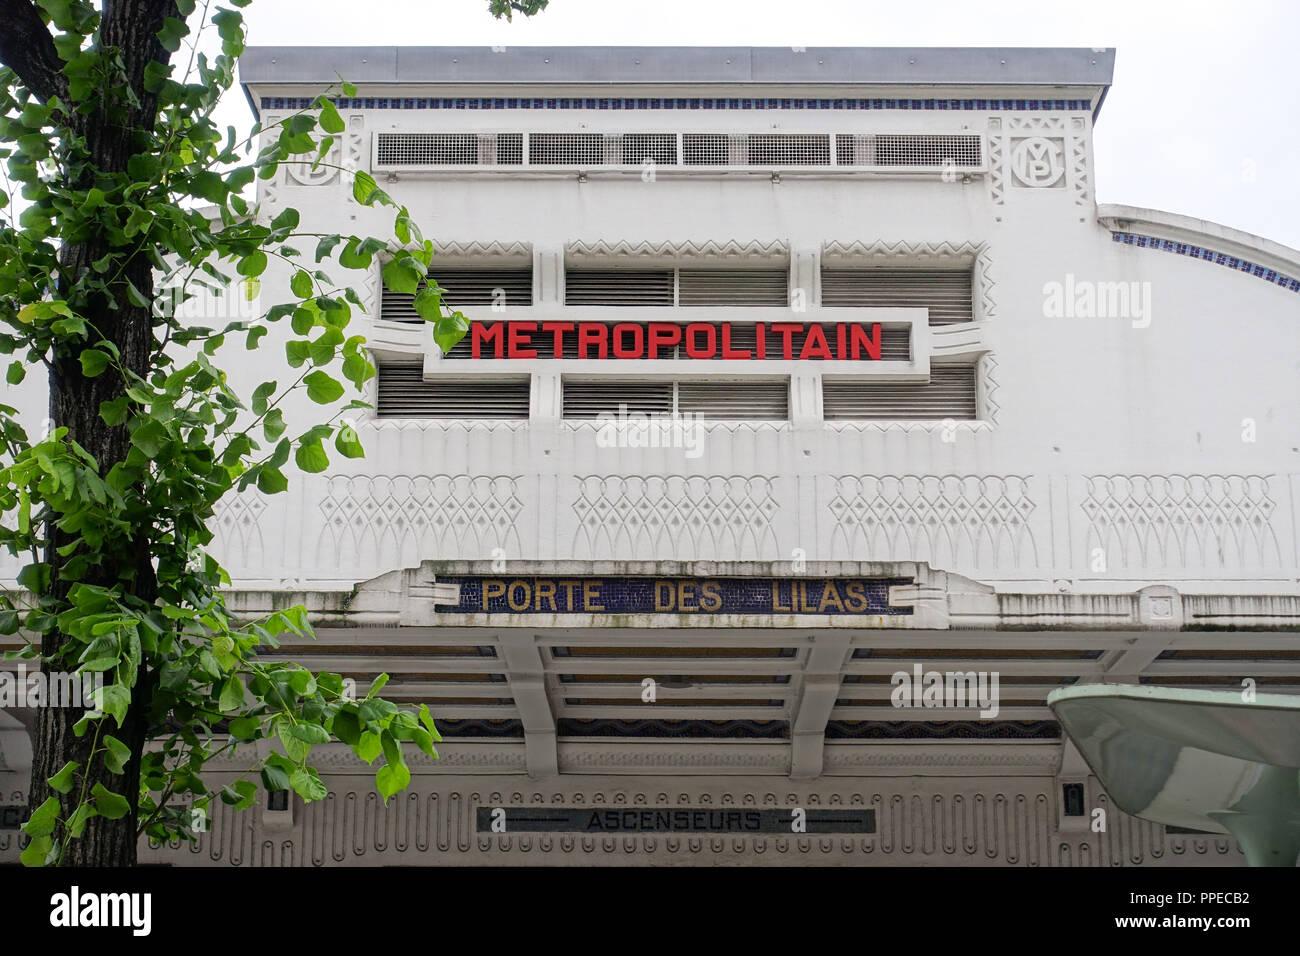 Paris, Metro Linie 3bis, Art-Déco-Entrée Stock Photo: 220363894 - Alamy